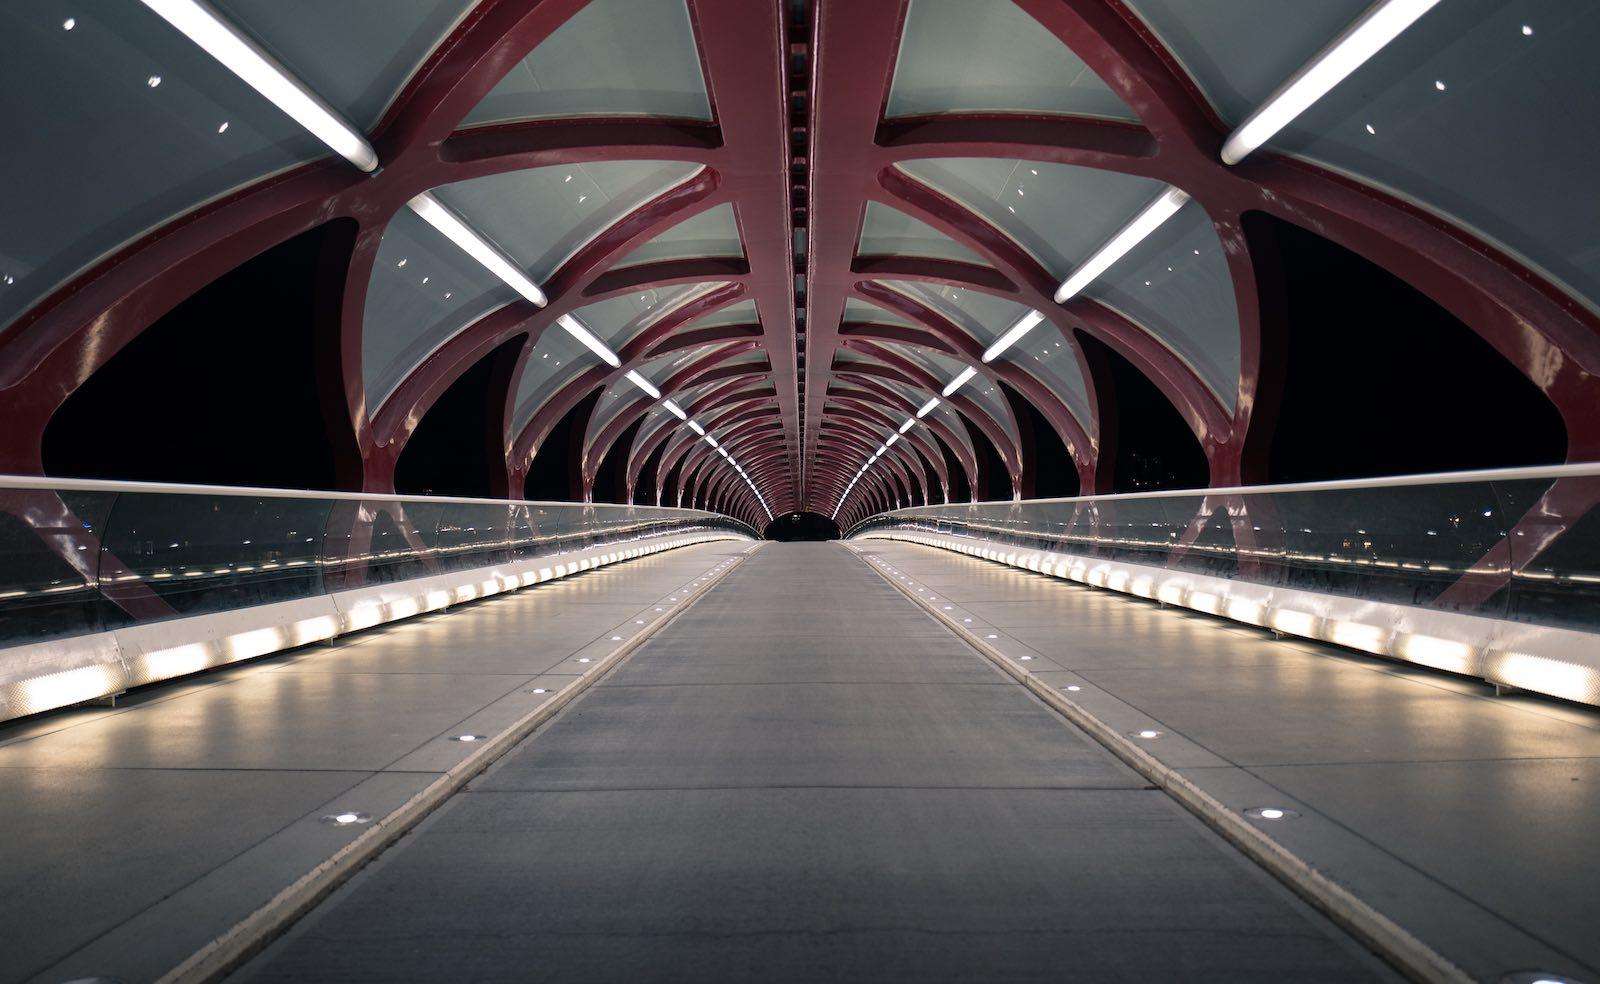 Calgary's Peace Bridge